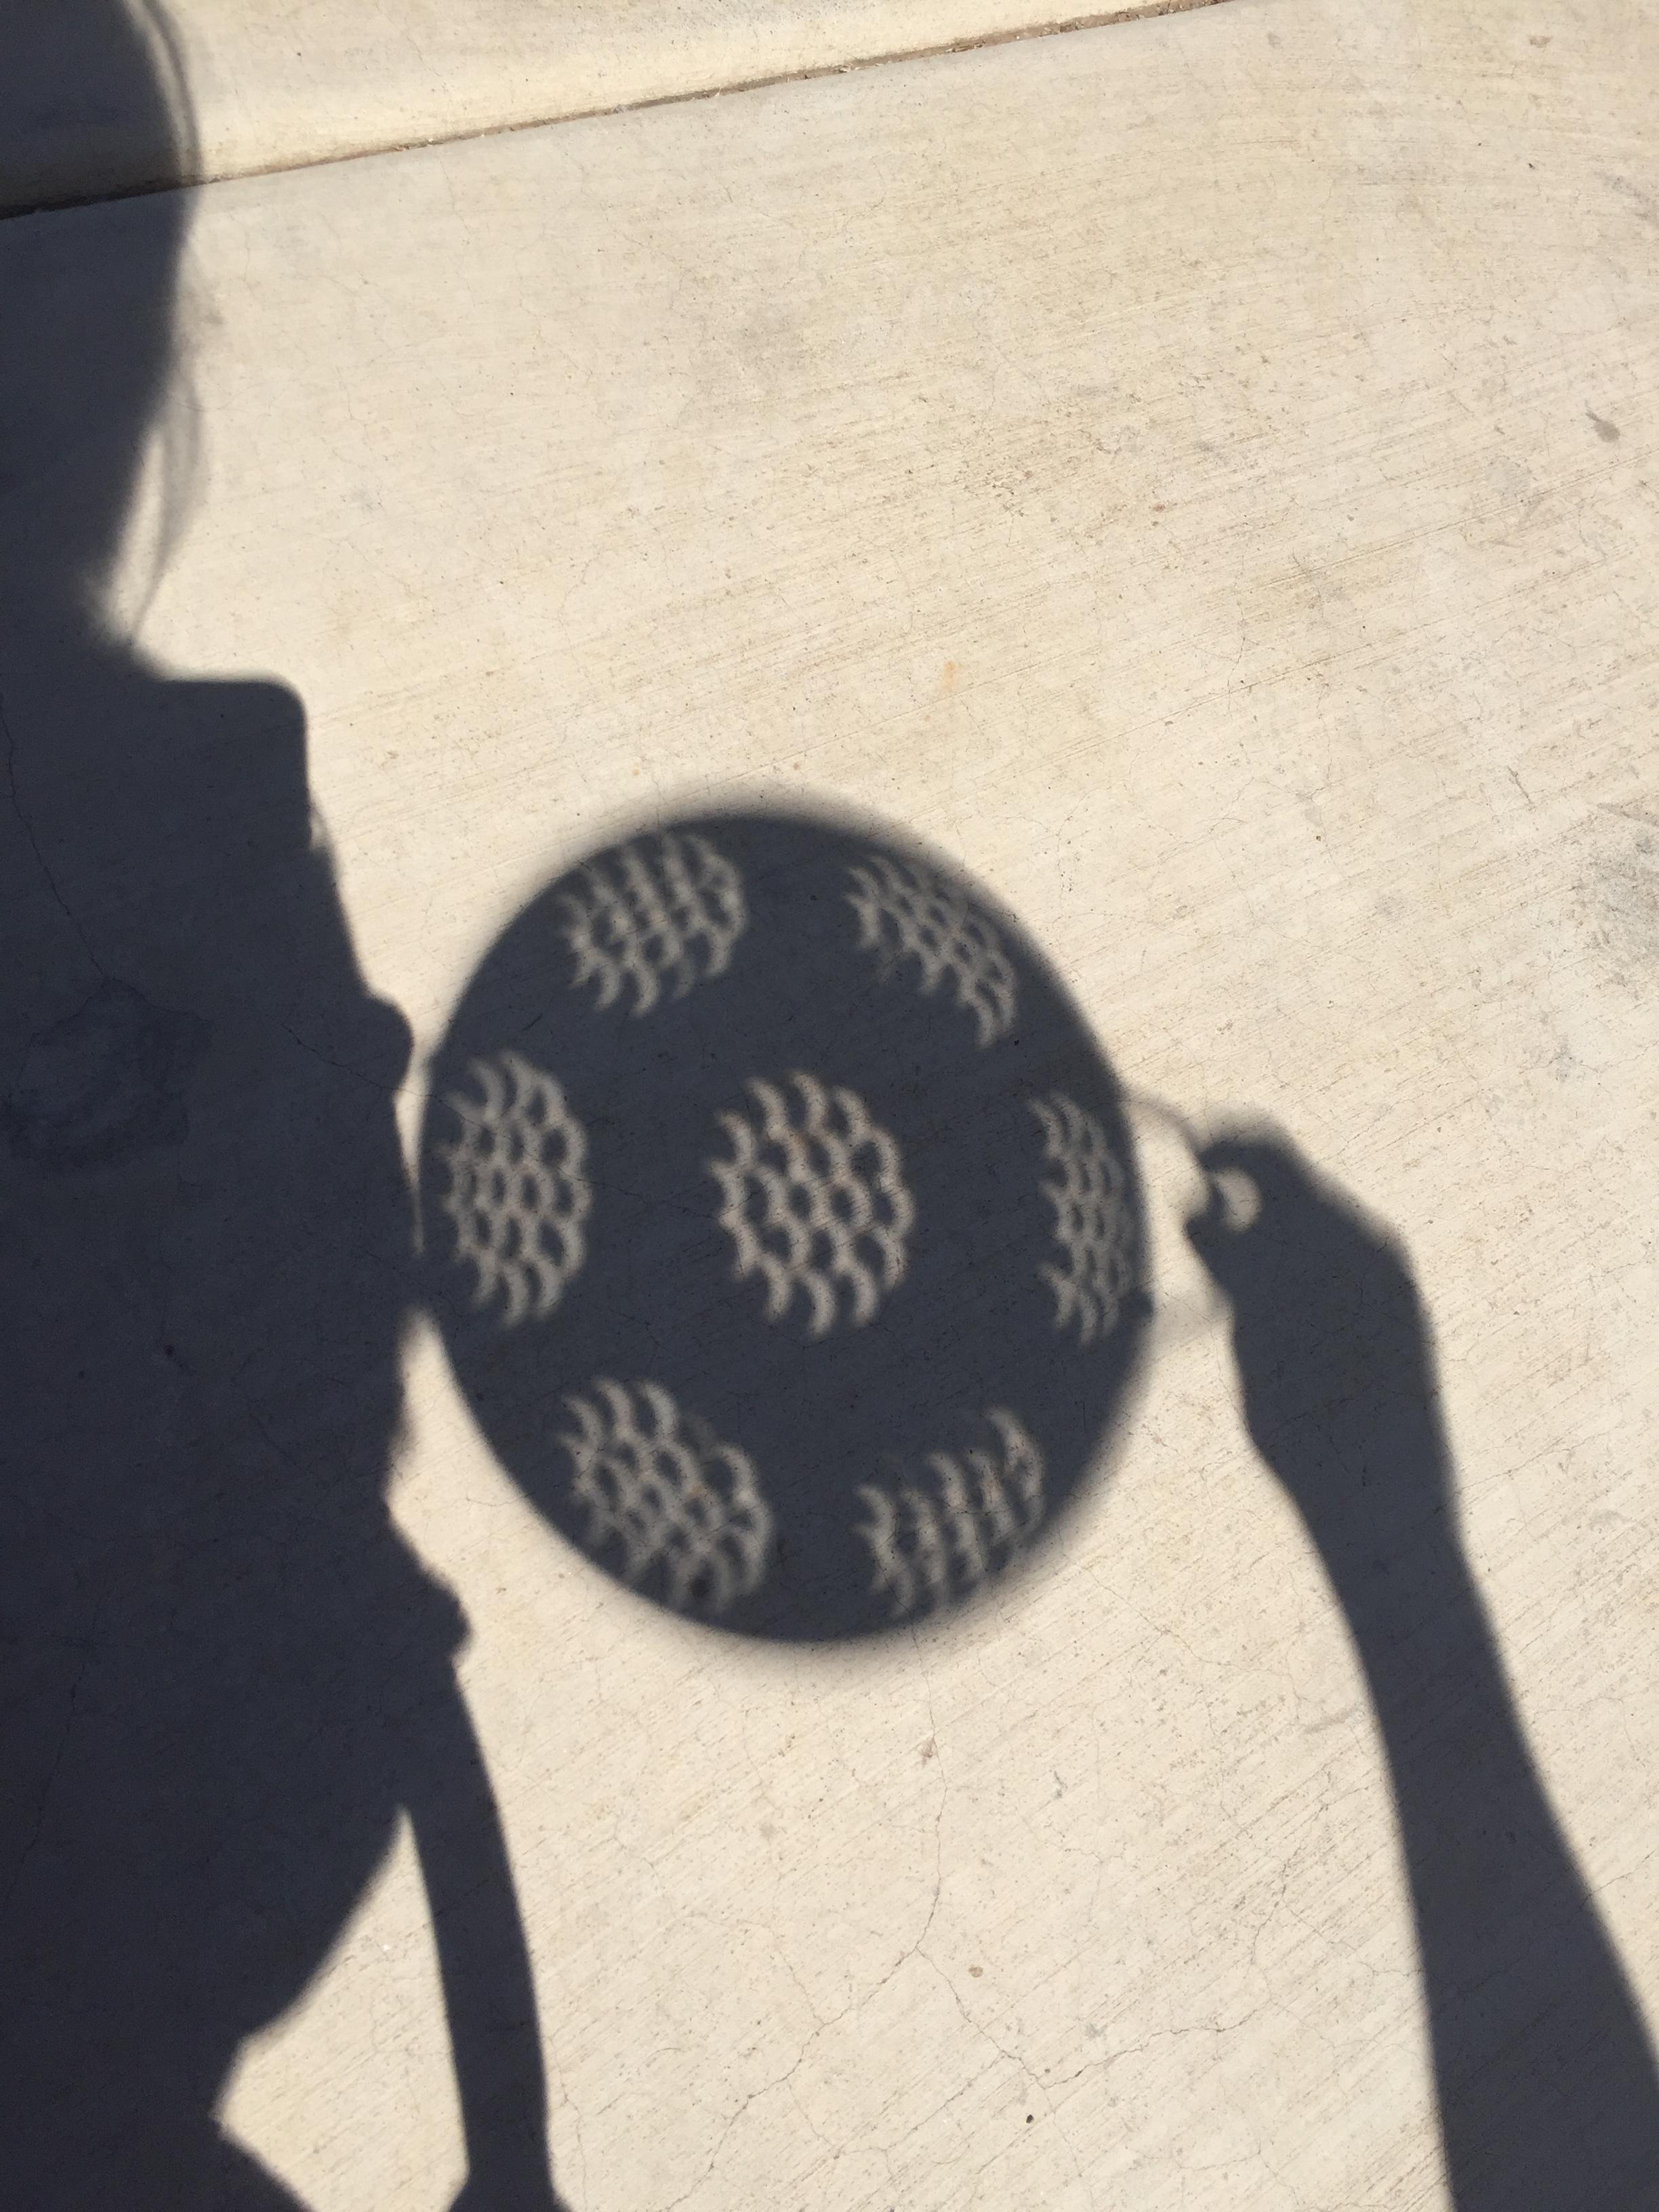 solar eclipse colander shadows